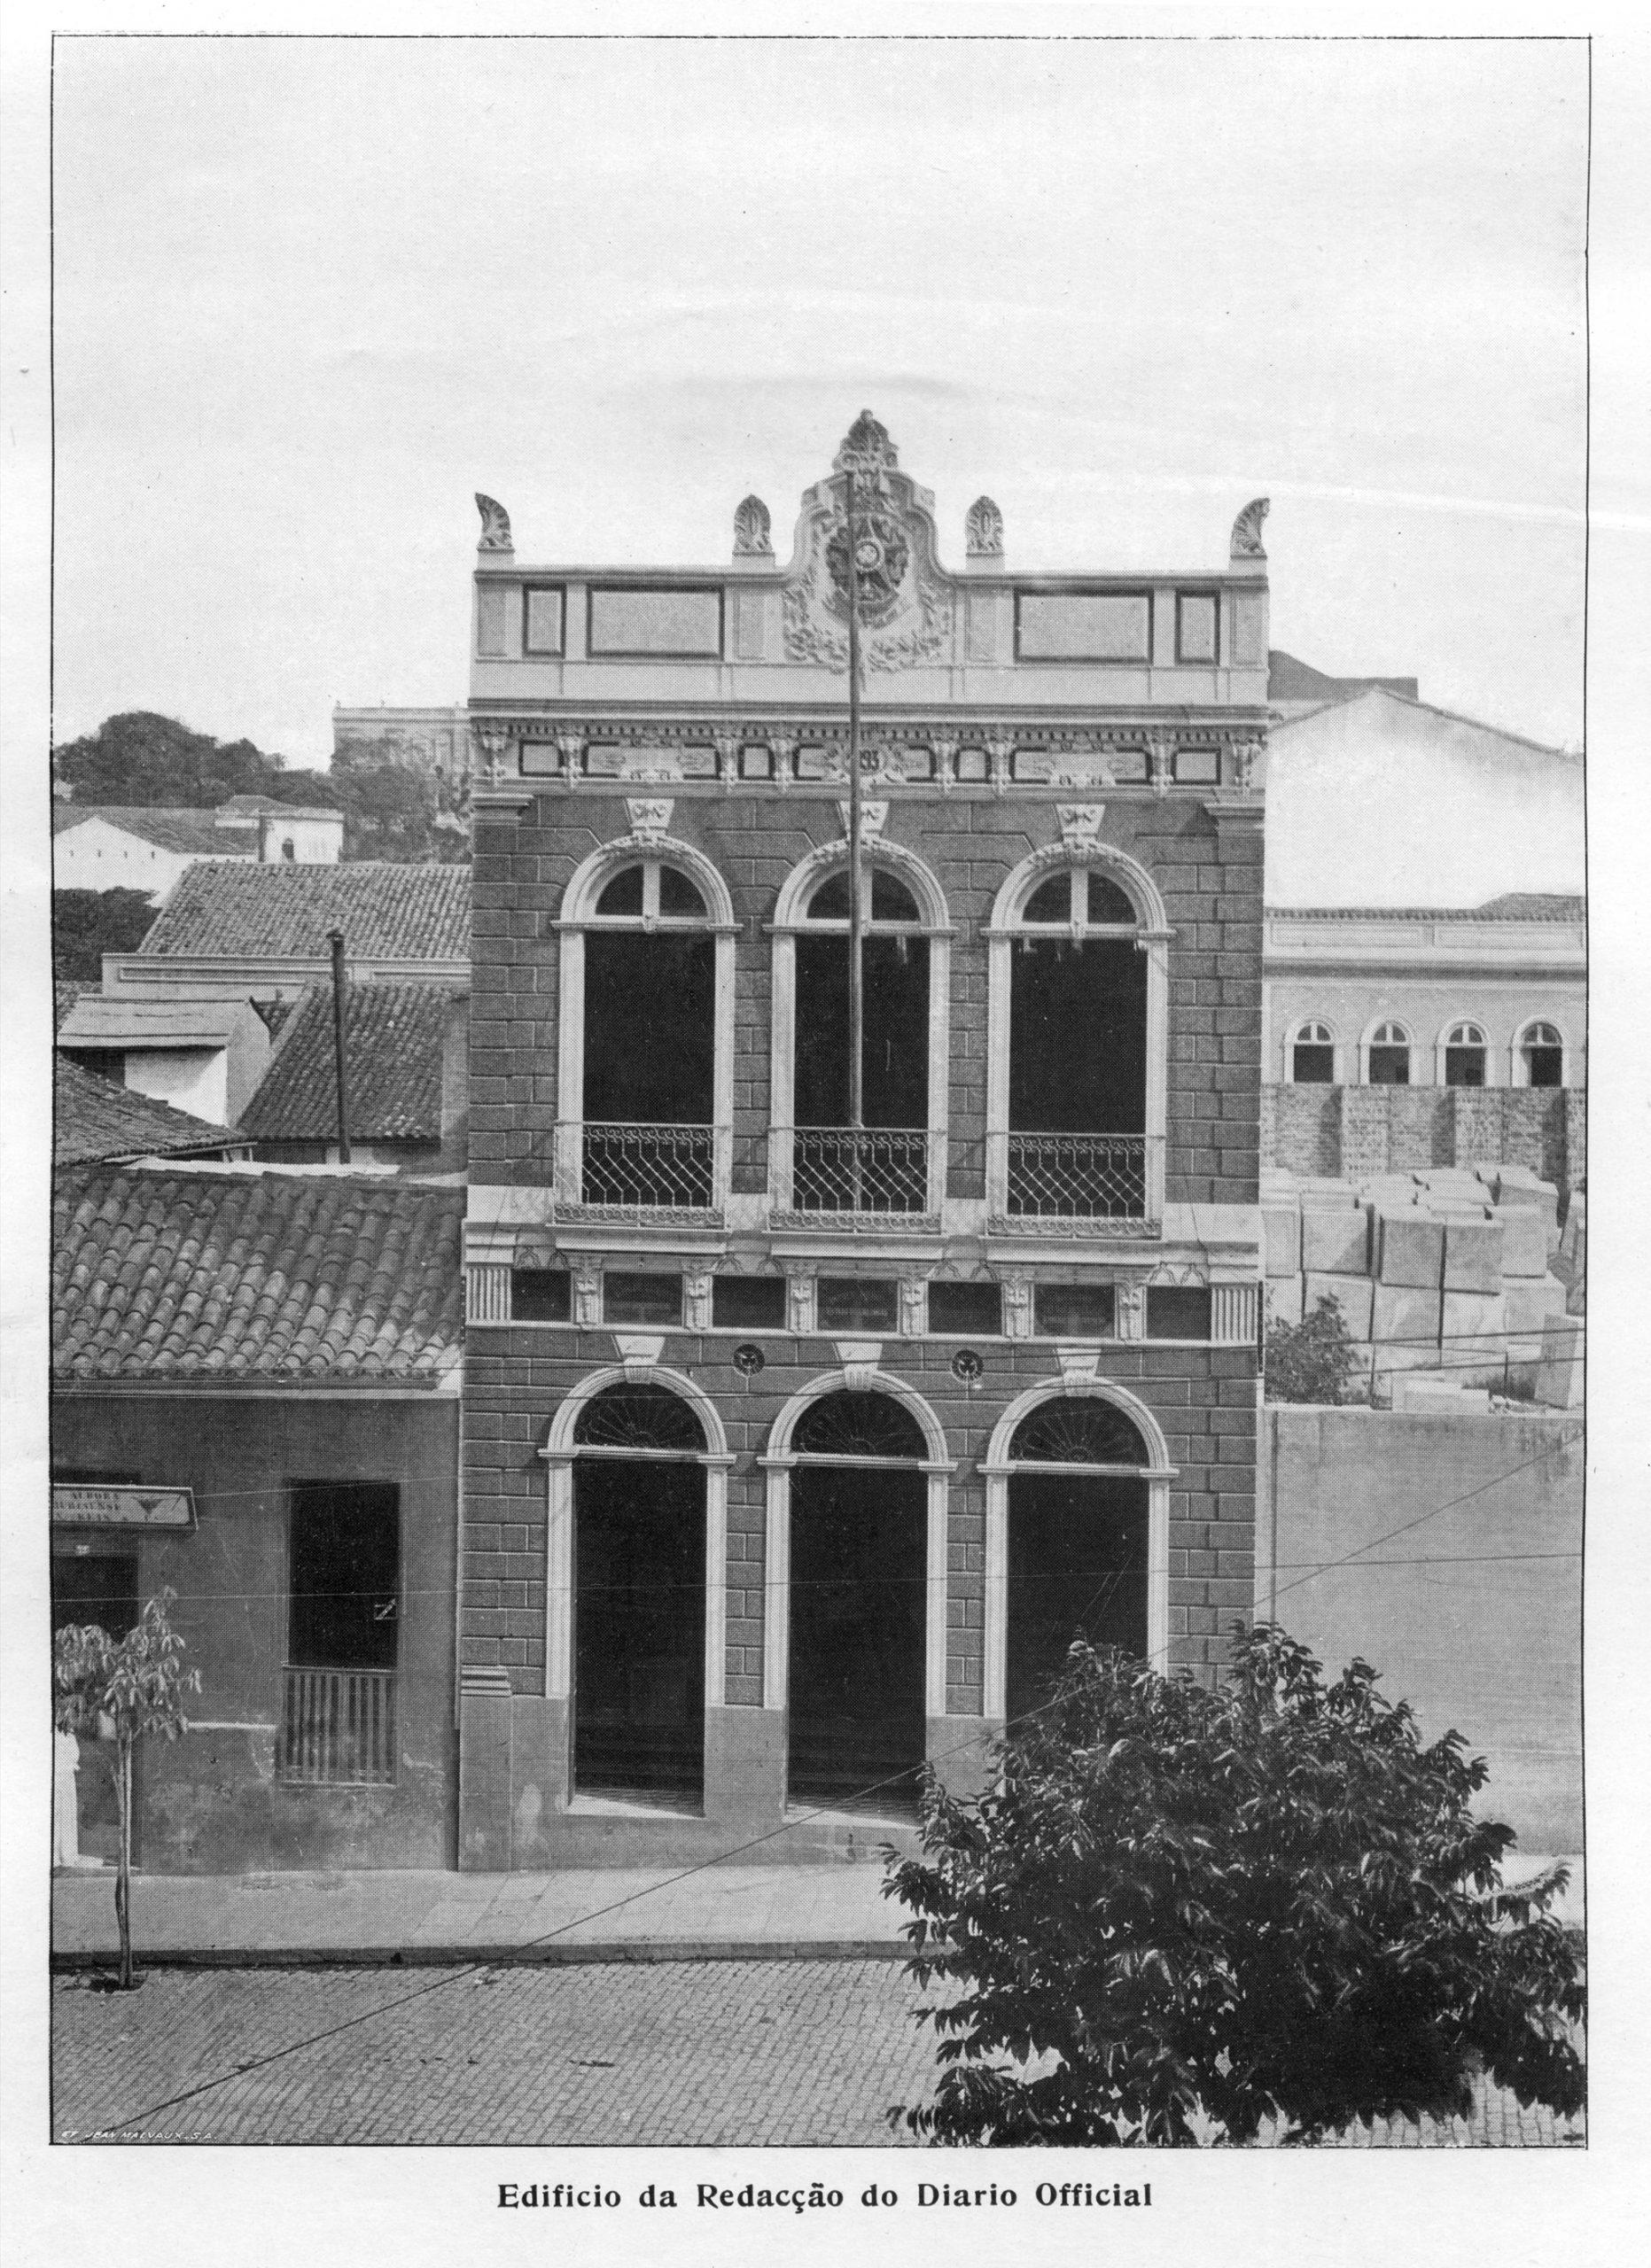 Edifício da Redação do Diário Oficial